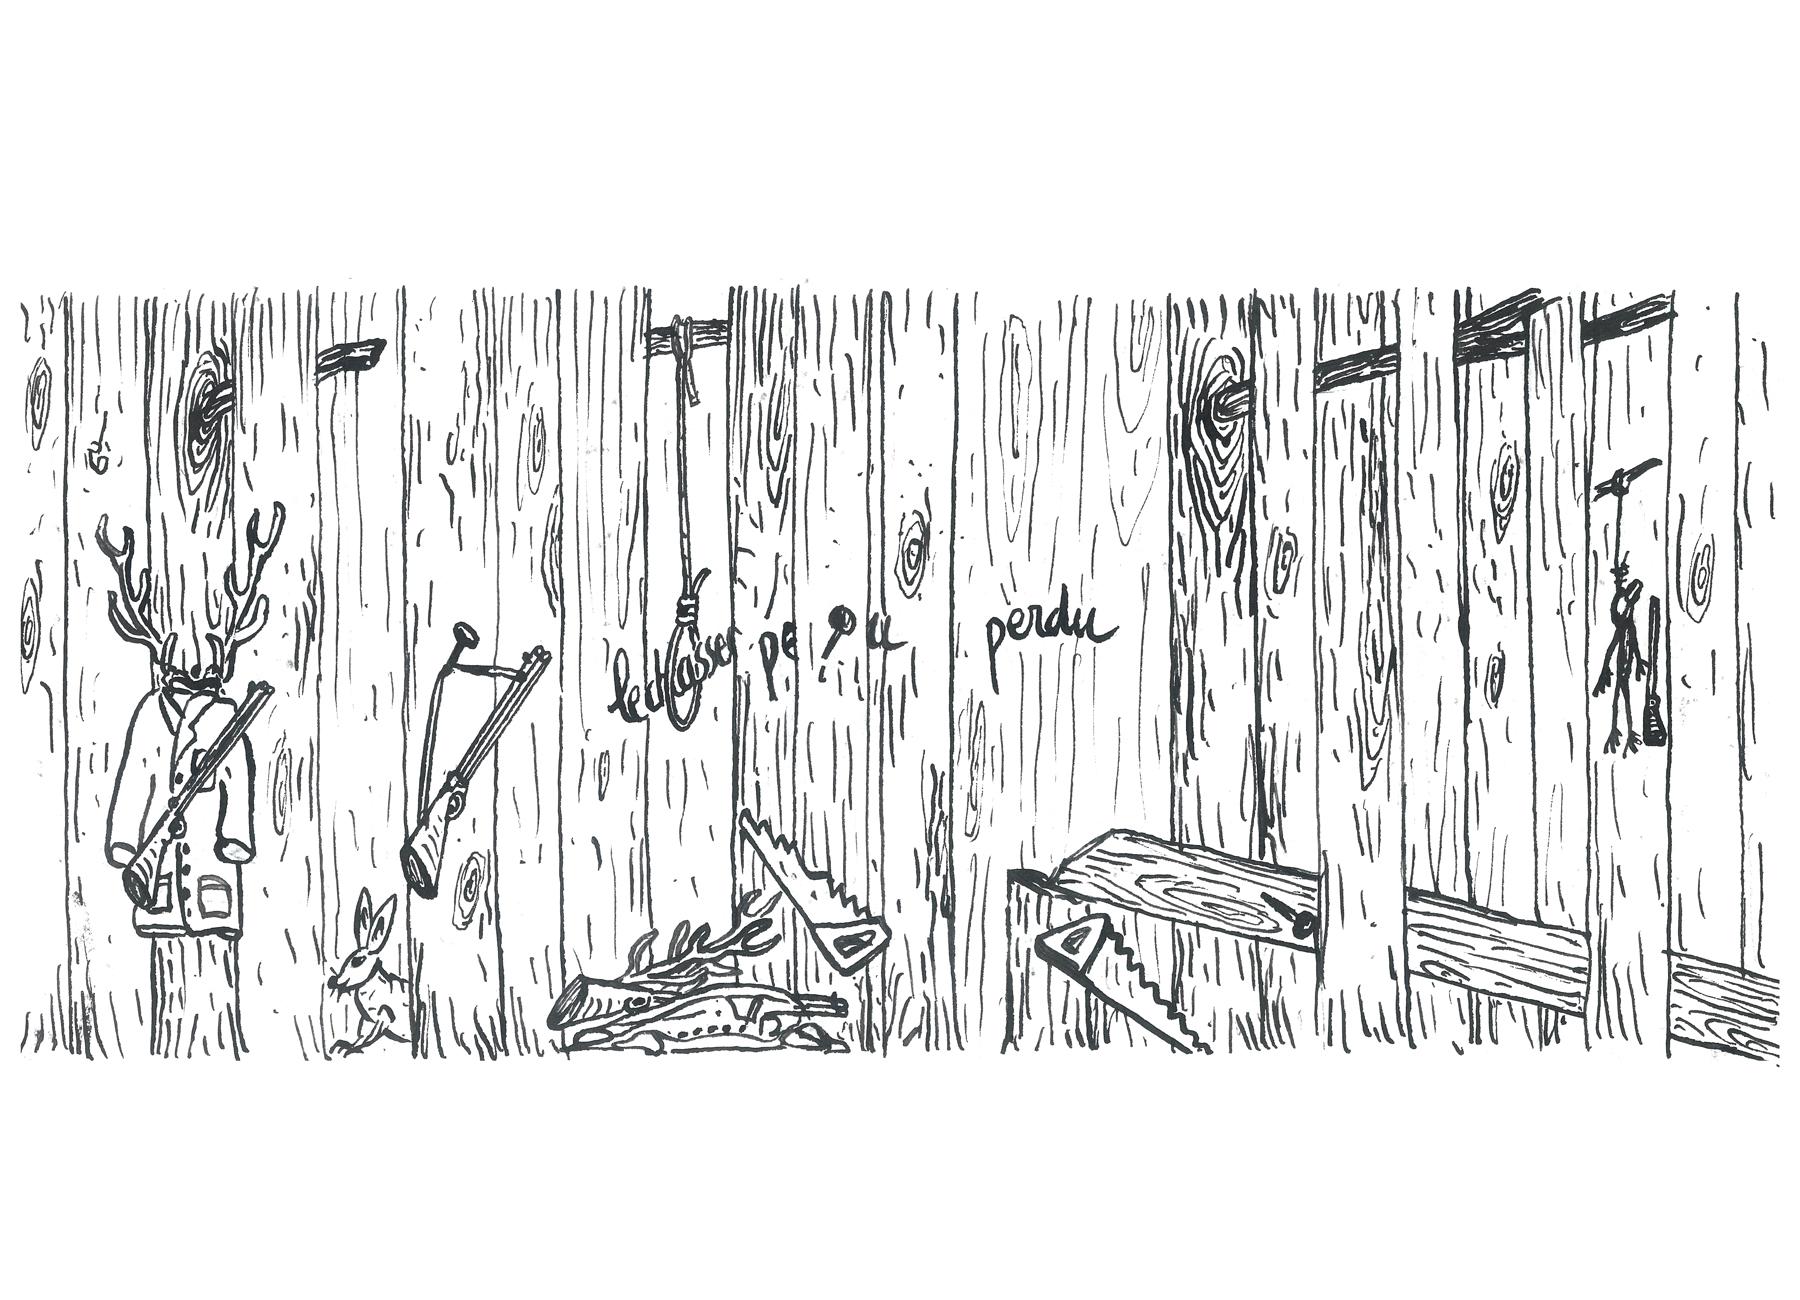 journal de bois dessiné